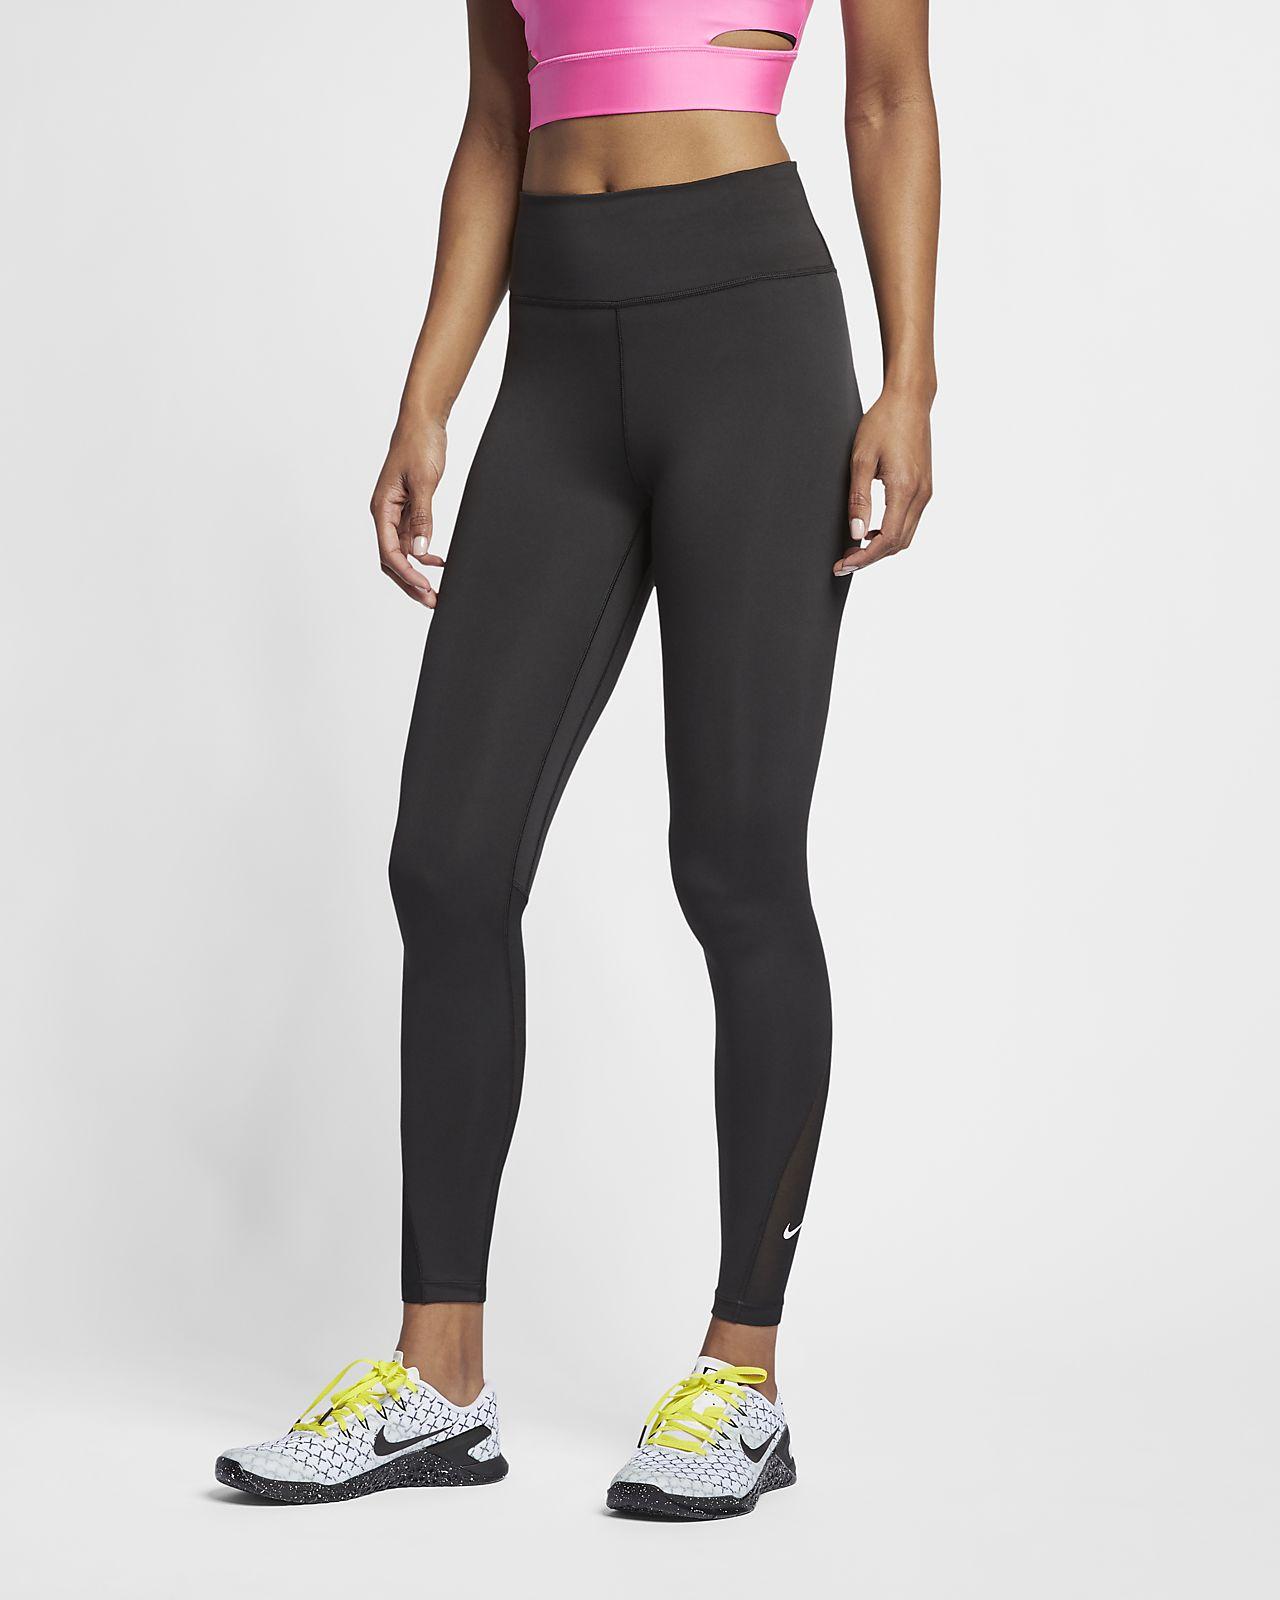 Mallas de 7/8 y tiro medio para mujer Nike One